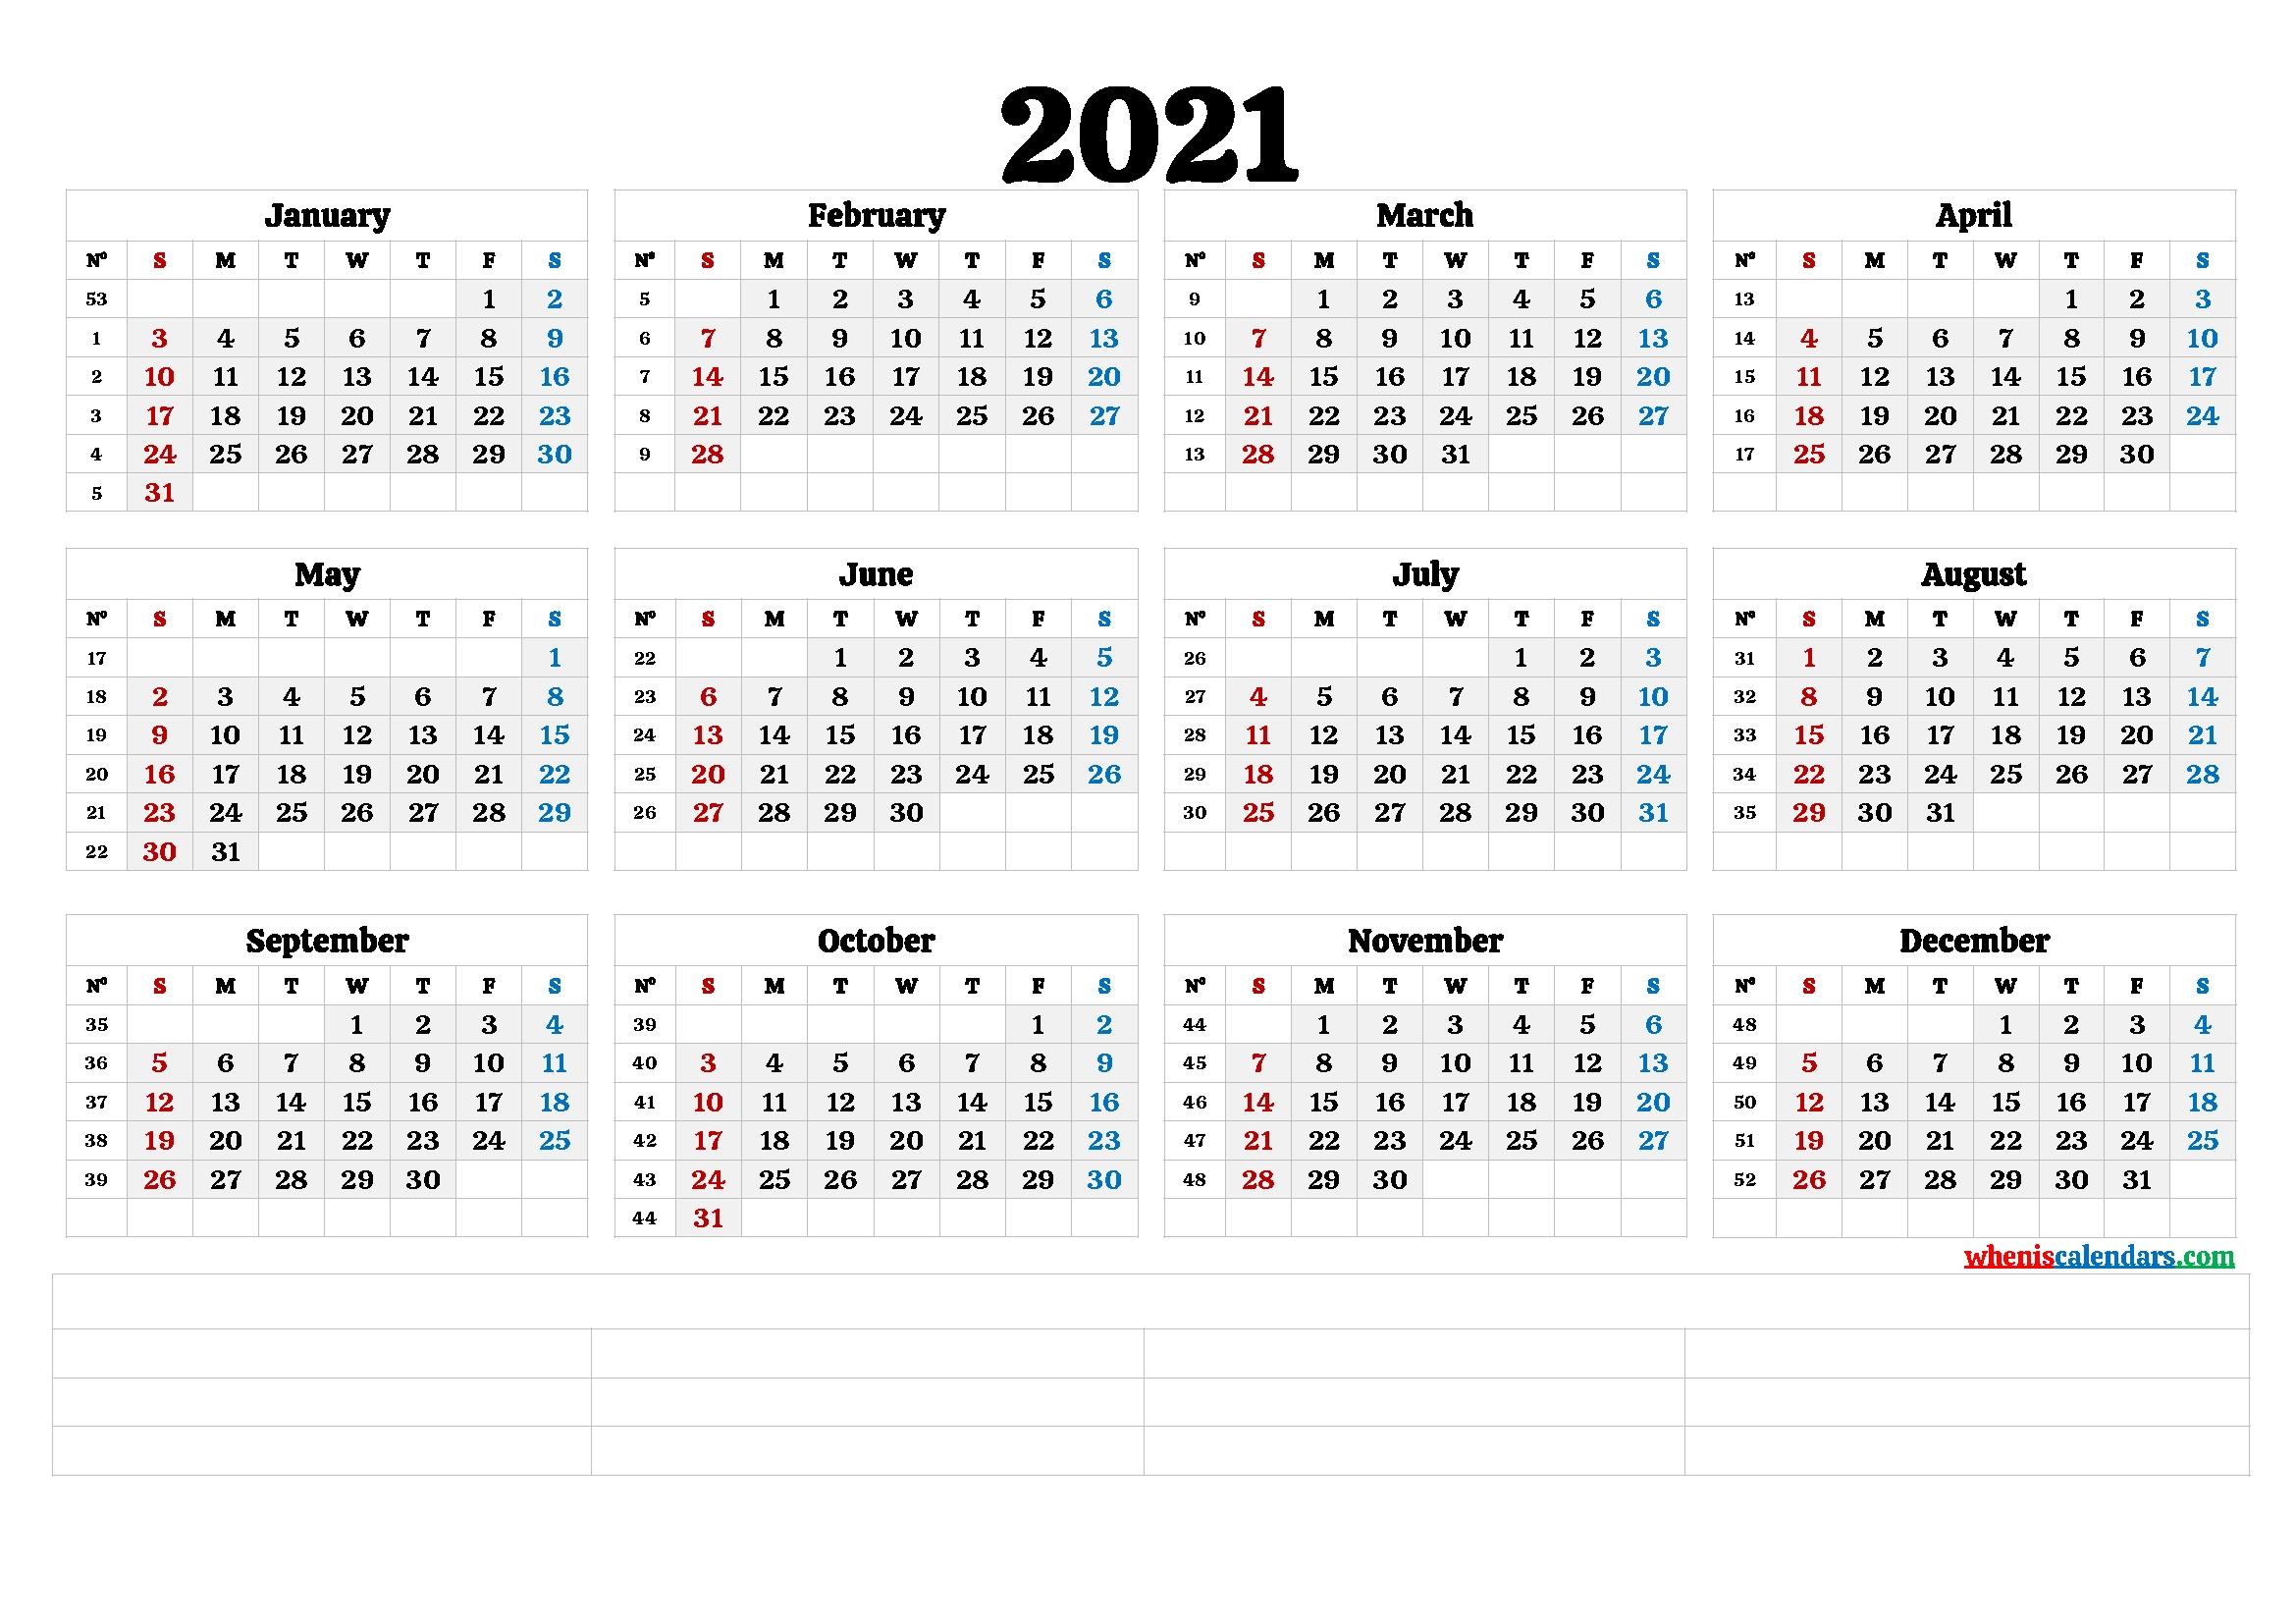 2021 free printable yearly calendar with week numbers 6 templates::Printable 2021 Calendar By Week